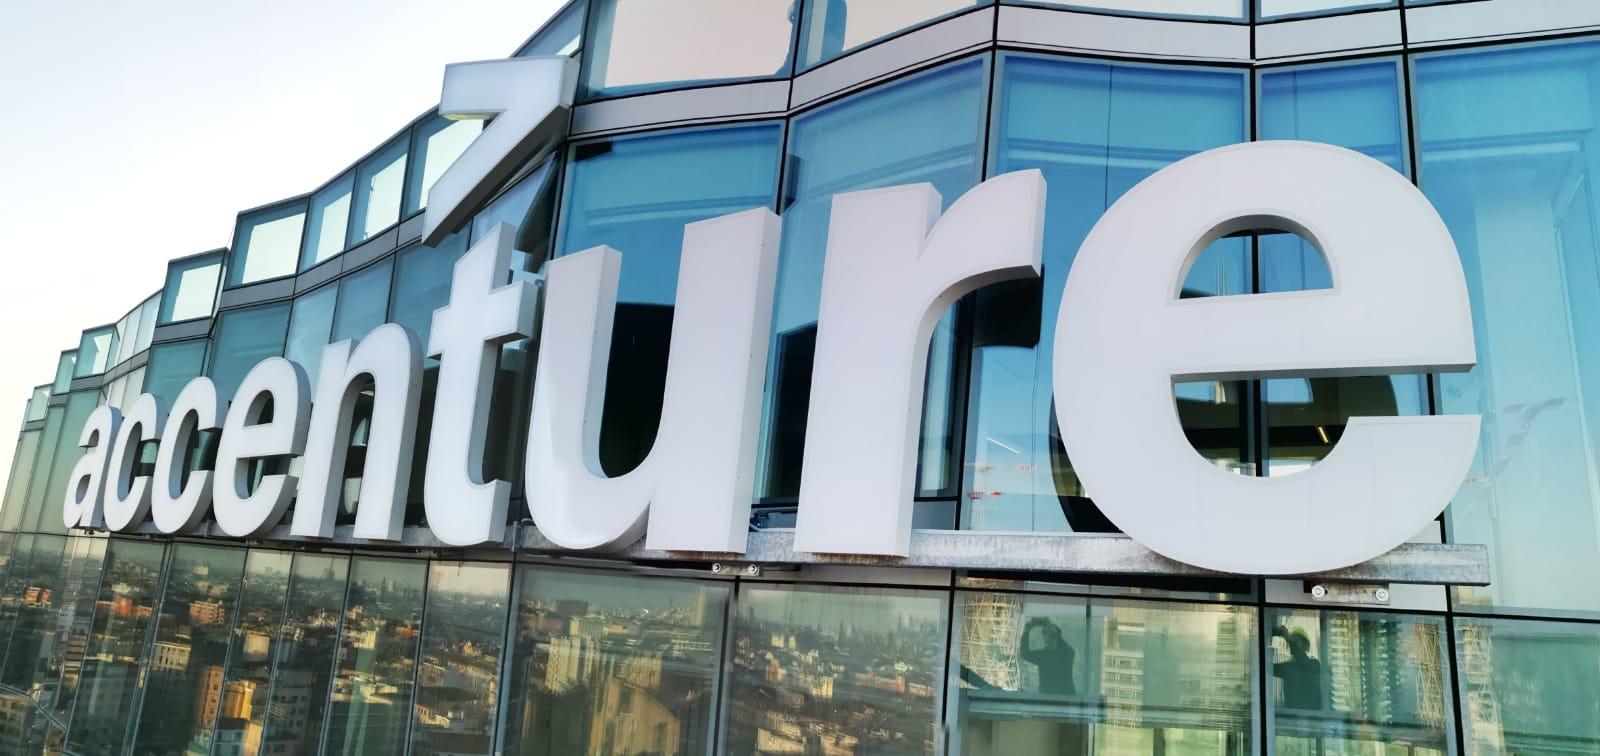 Accenture4